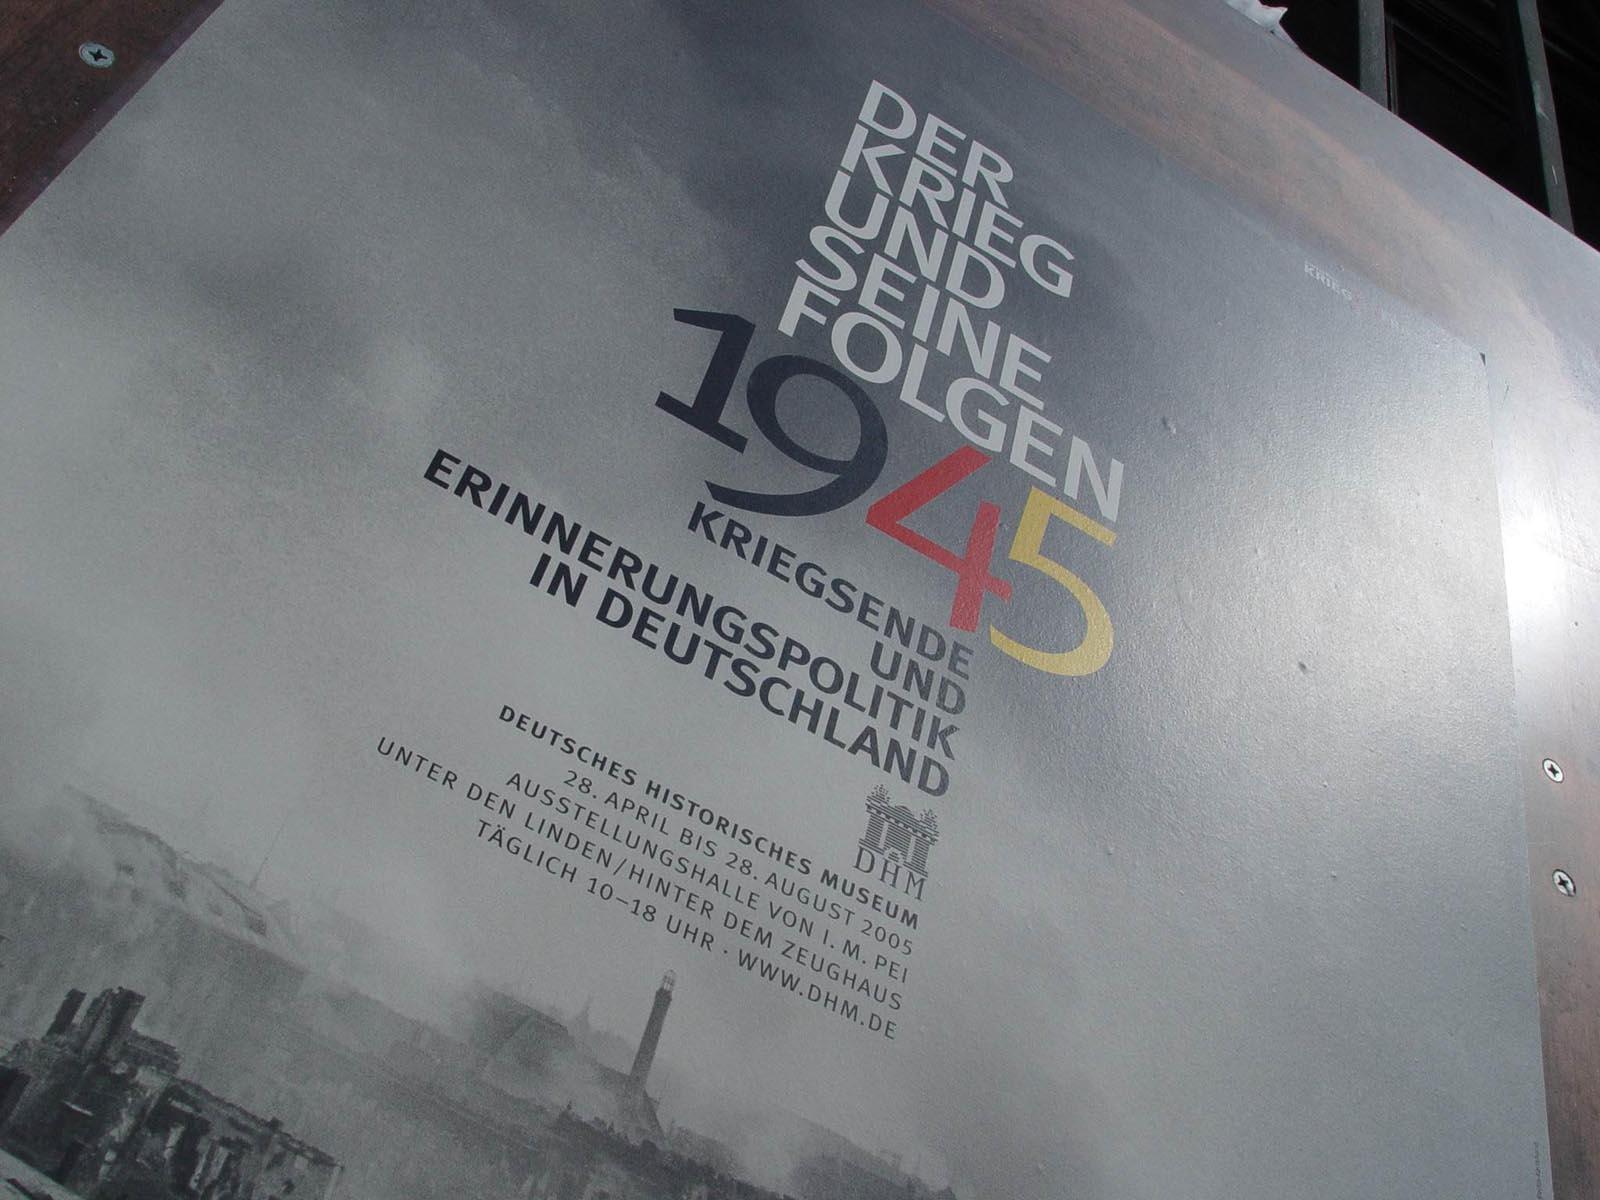 Datum der Veröffentlichung: 16.08.2007